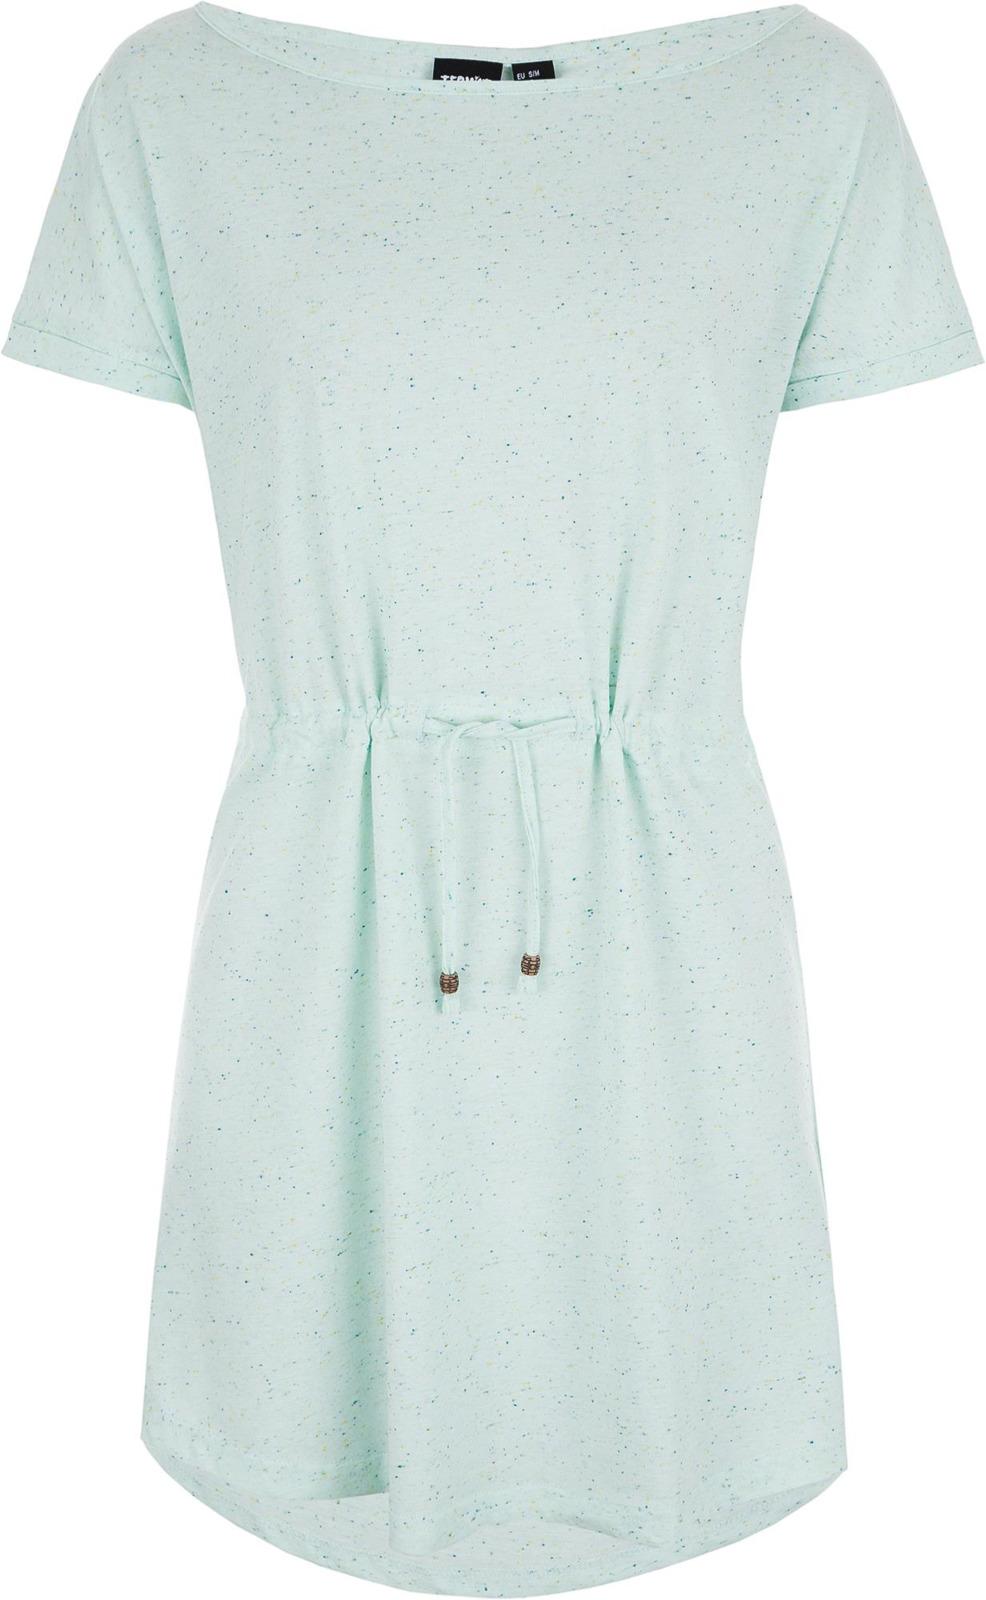 Платье Termit туника женская termit women s blouse цвет разноцветный s19atetuw04 mx размер l 48